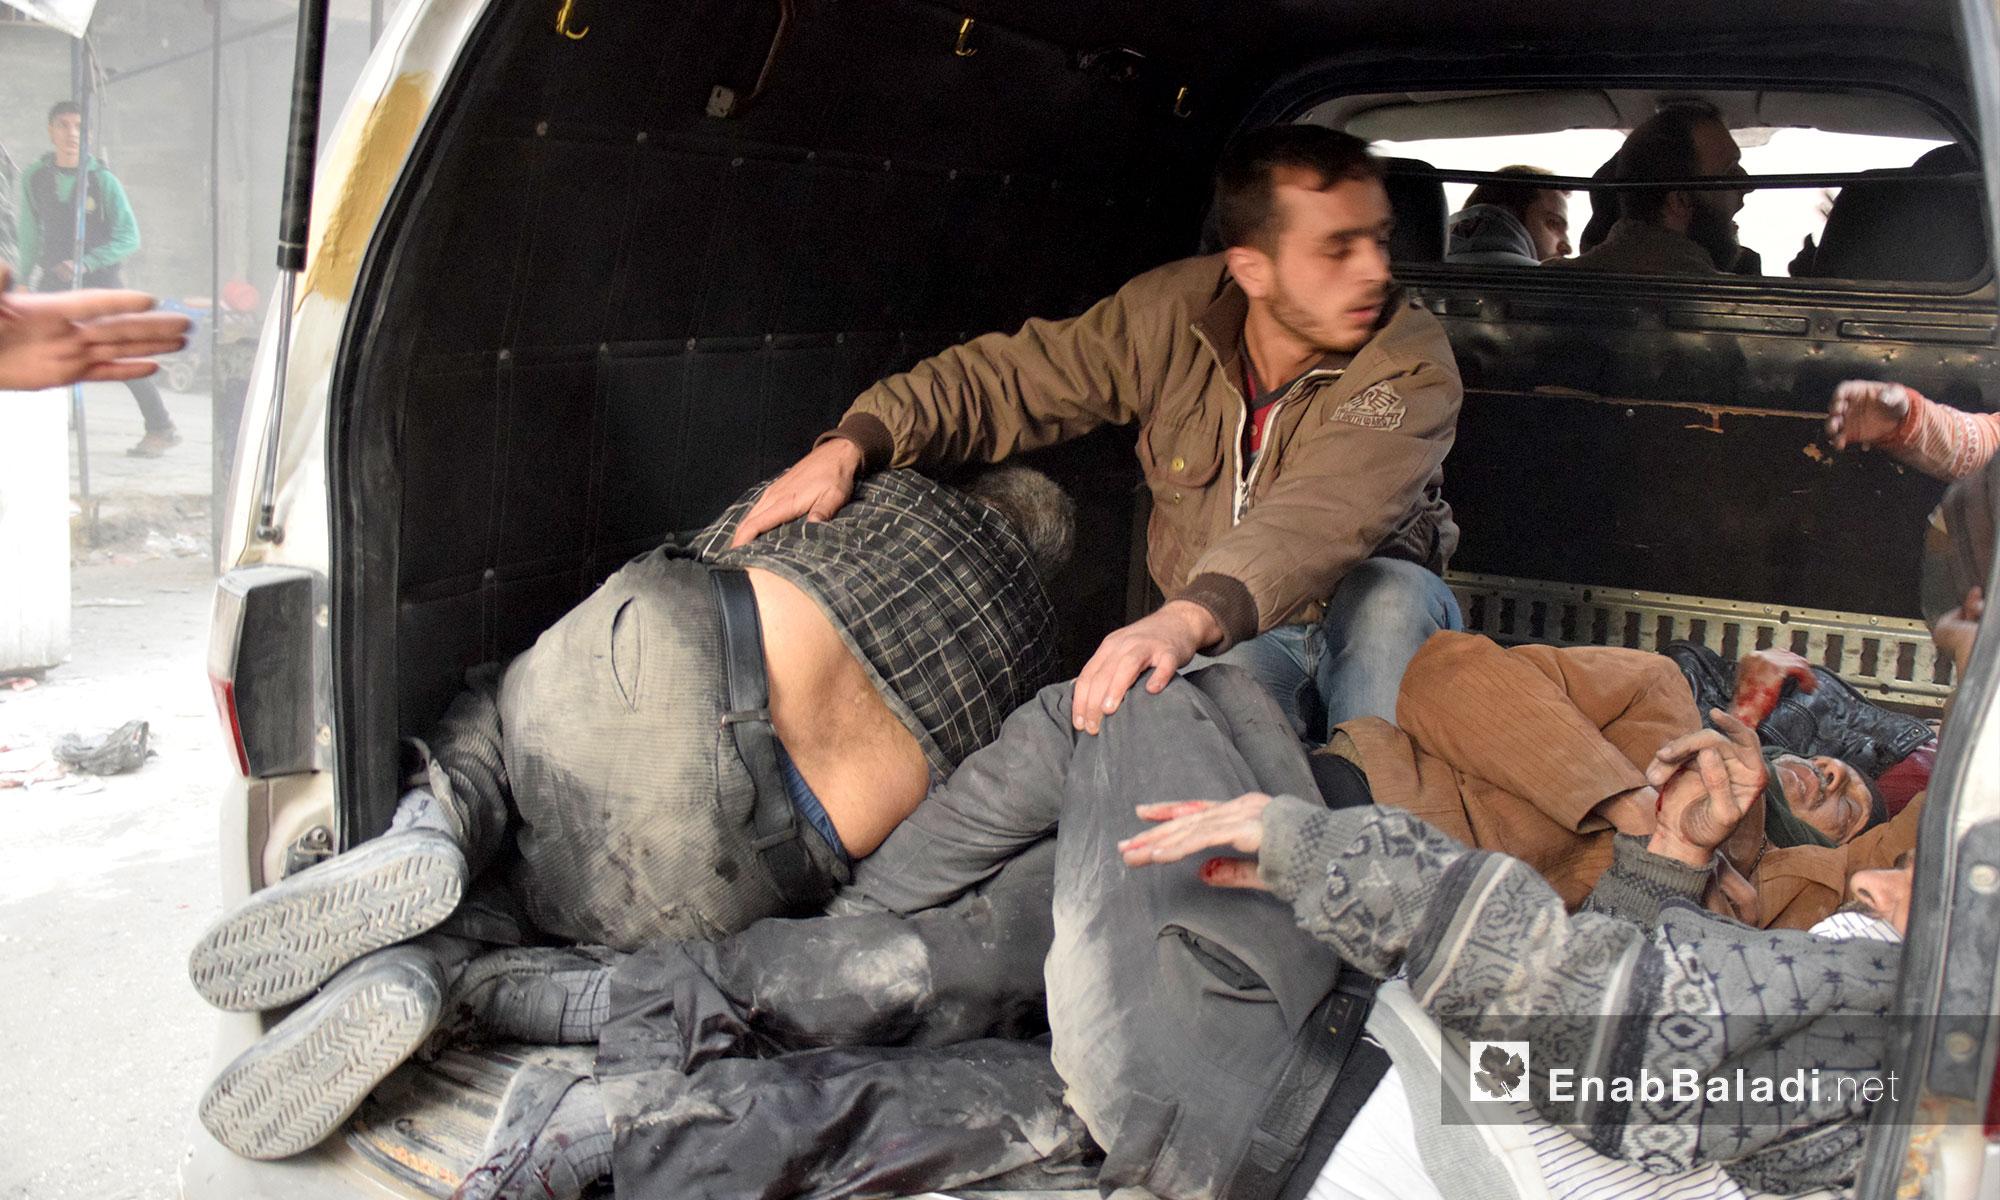 سيارة تسعف المصابين جراء القصف في حي الشعار بحلب - 20 تشرين الثاني 2016 (عنب بلدي)